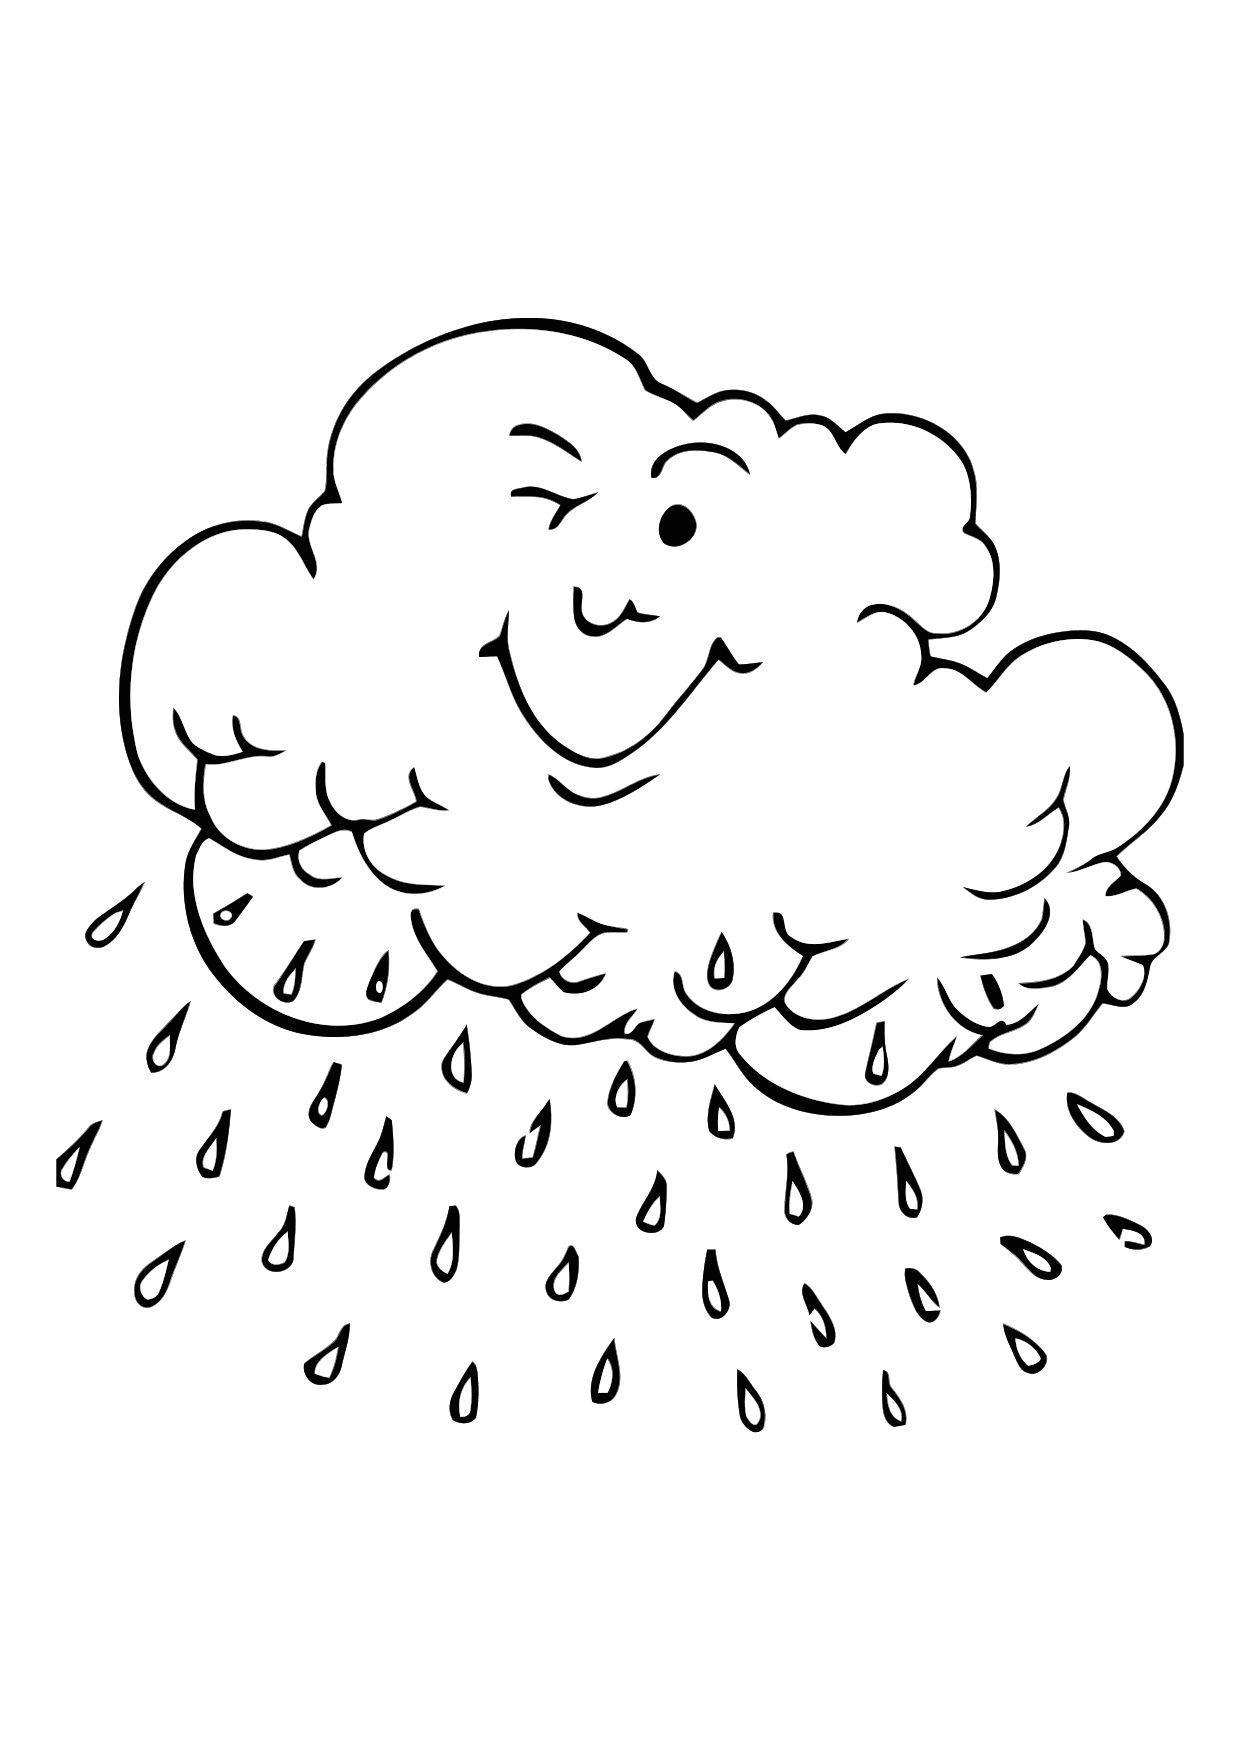 Malvorlage Regenwolke